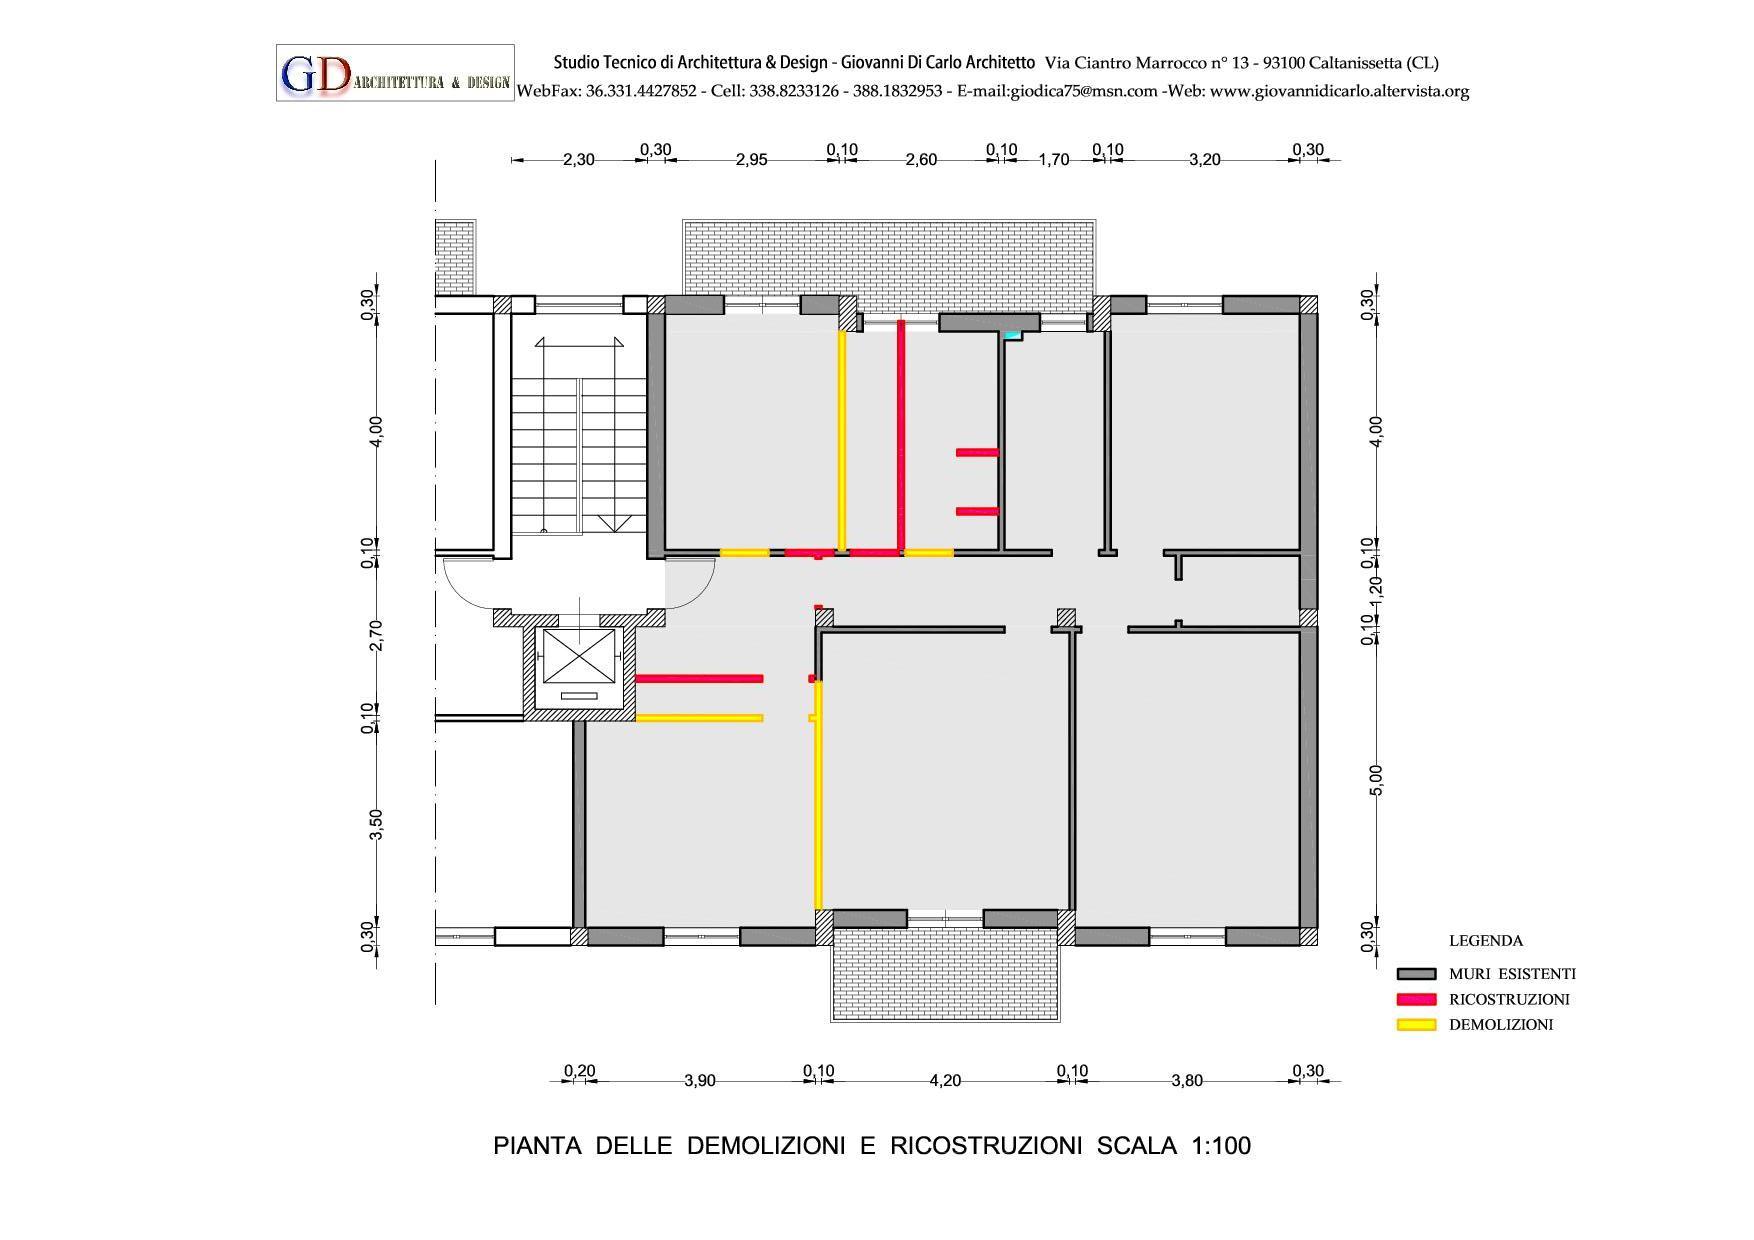 Ristrutturazione edilizia caltanissetta giovanni di for Progettazione di architettura online